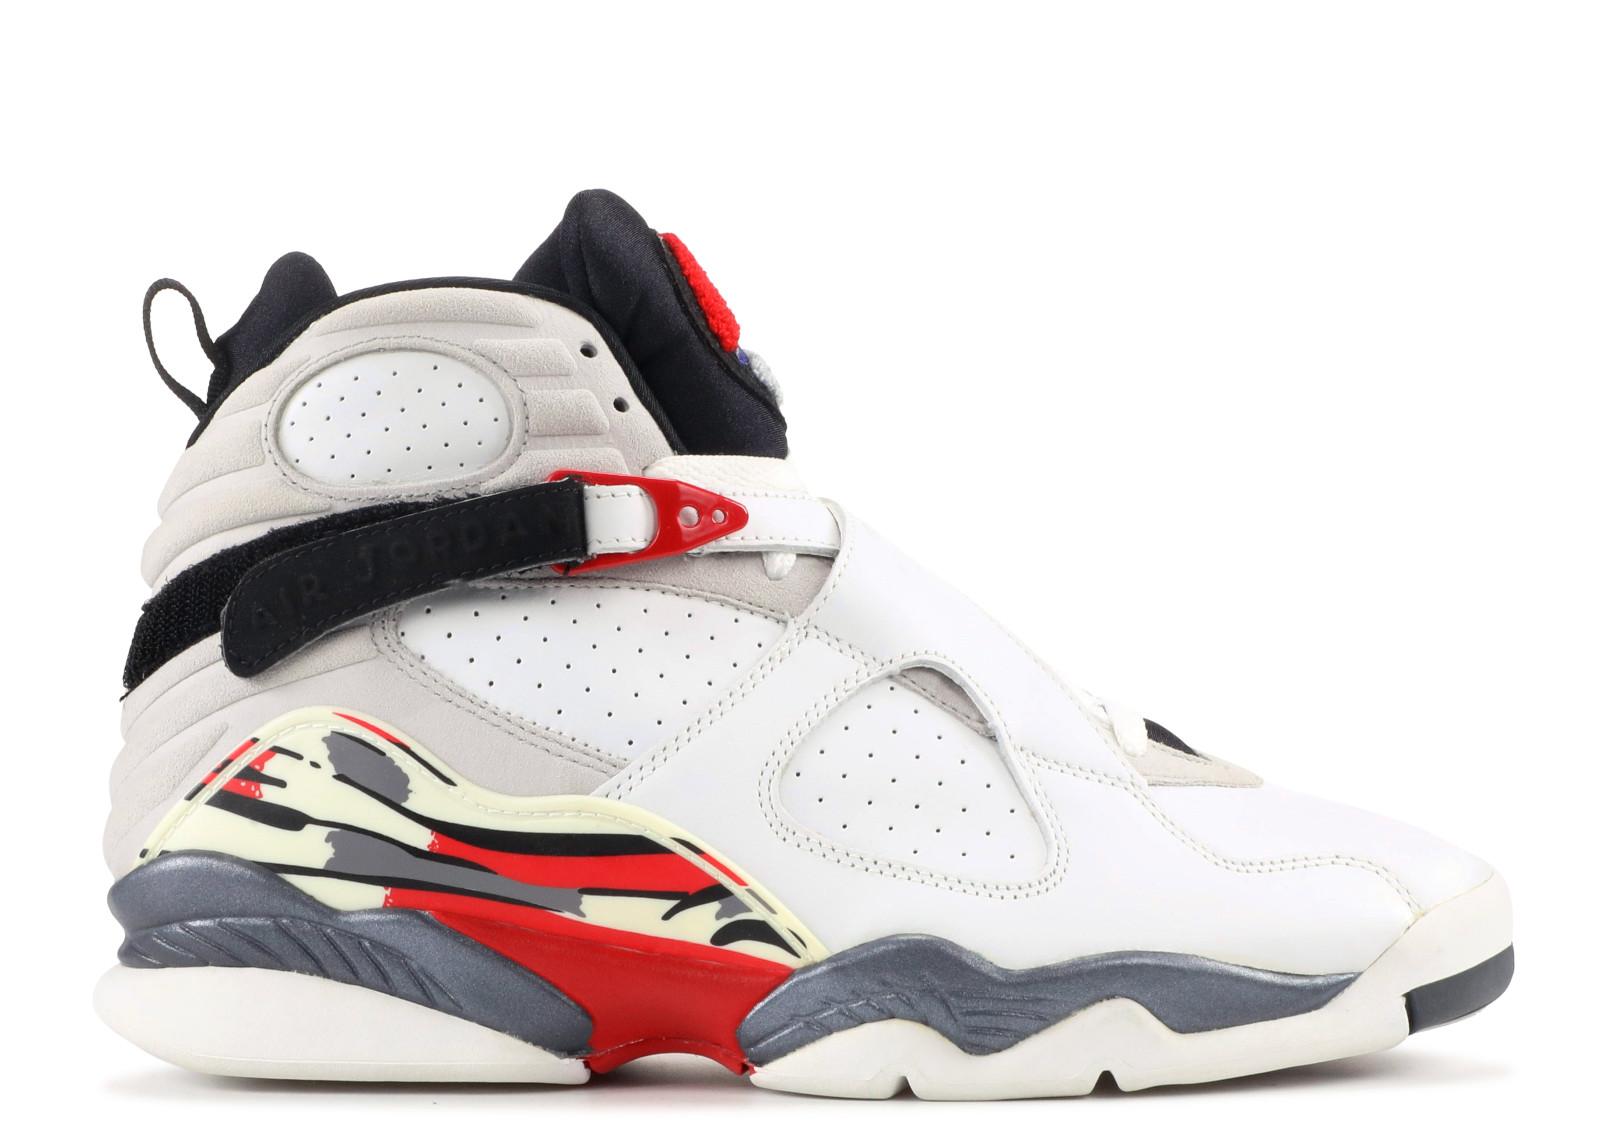 エアー ジョーダン レトロ 赤 レッド メンズ 男性用 スニーカー メンズ靴 靴 【 AIR JORDAN 8 RETRO WHITE BLACKTRUE RED 】